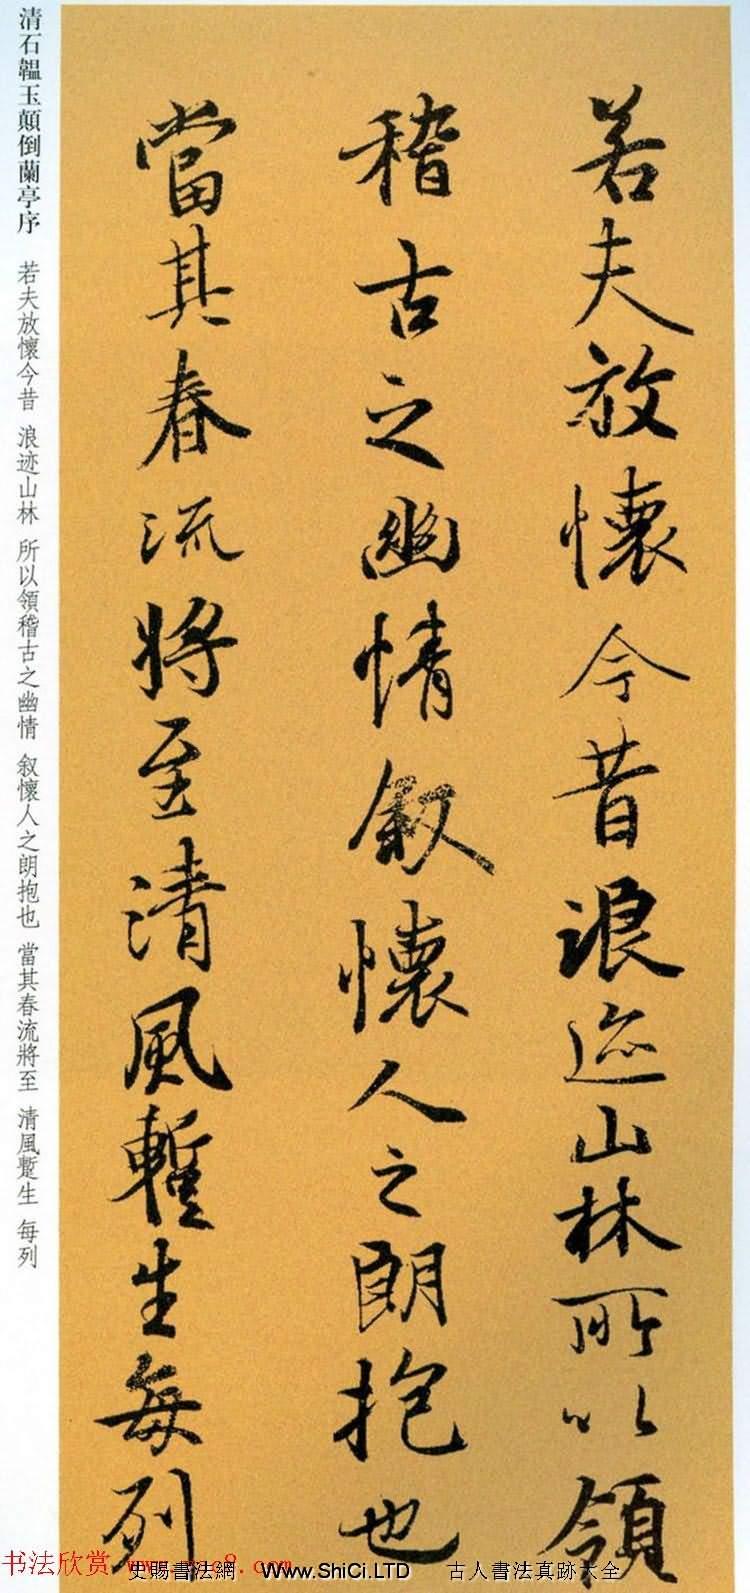 清朝狀元石韞玉《顛倒蘭亭序》墨跡本和拓本(共10張圖片)